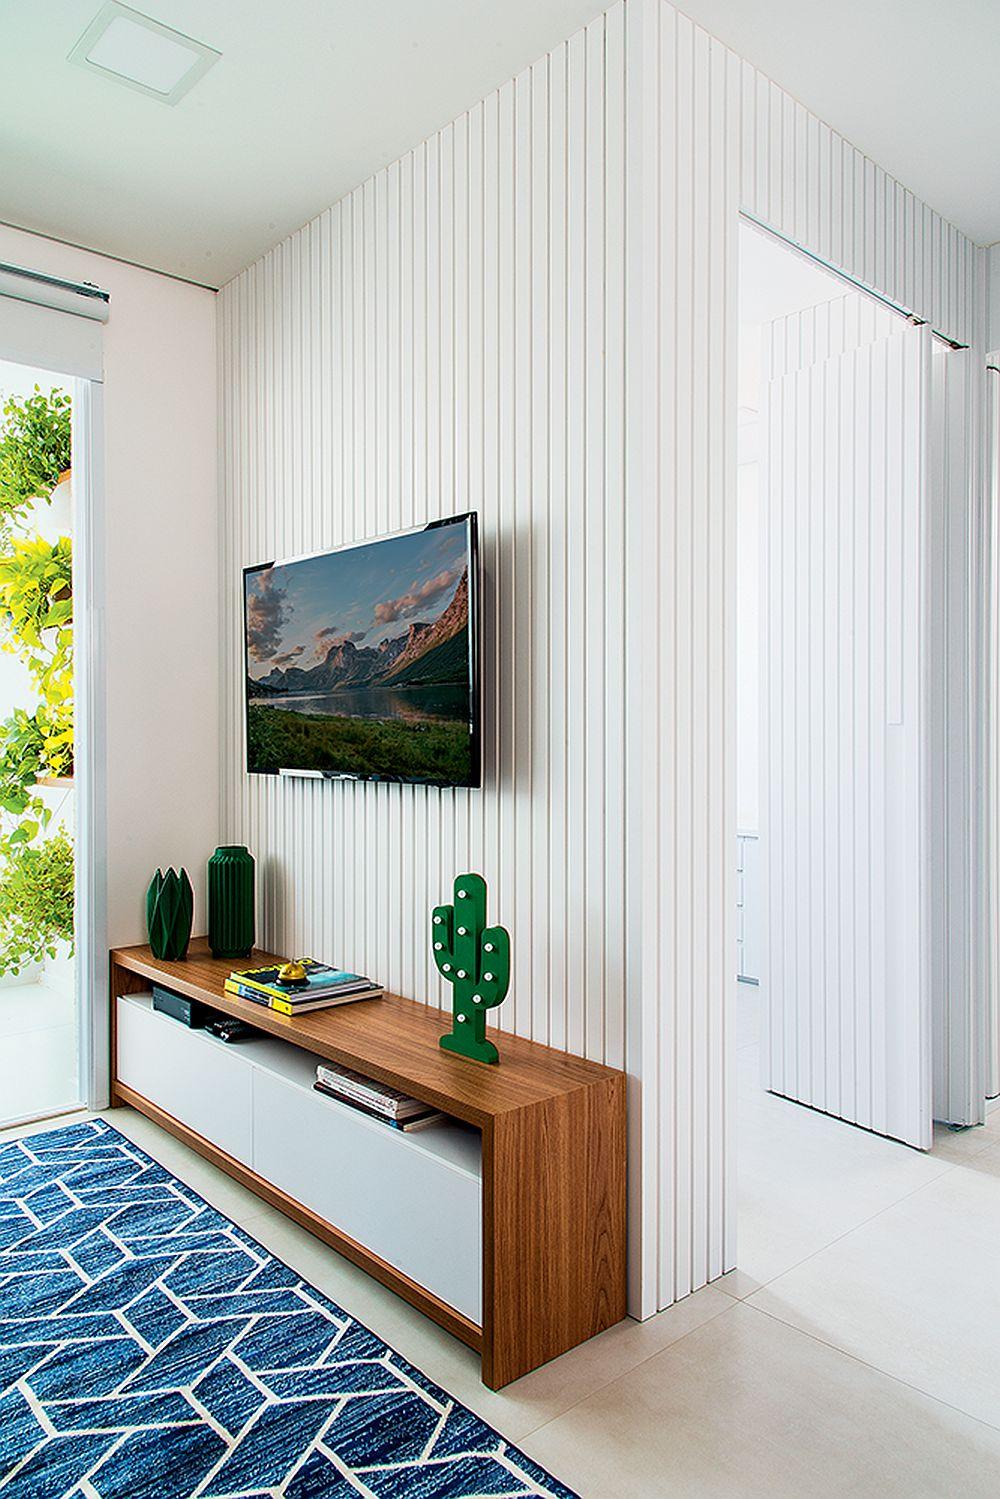 În fața canapelei din living se află comoda pentru tv. Pentru a camufla prezența ușilor din holul deschis al zonei de noapte, arhitecta a prevăzut lambriuri care îmbracă peretele din spatele televizorului, lambriu al cărui desen este continuat mai departe și în hol. Un truc bun pentru a mai estompa din fragmentarea locuinței.